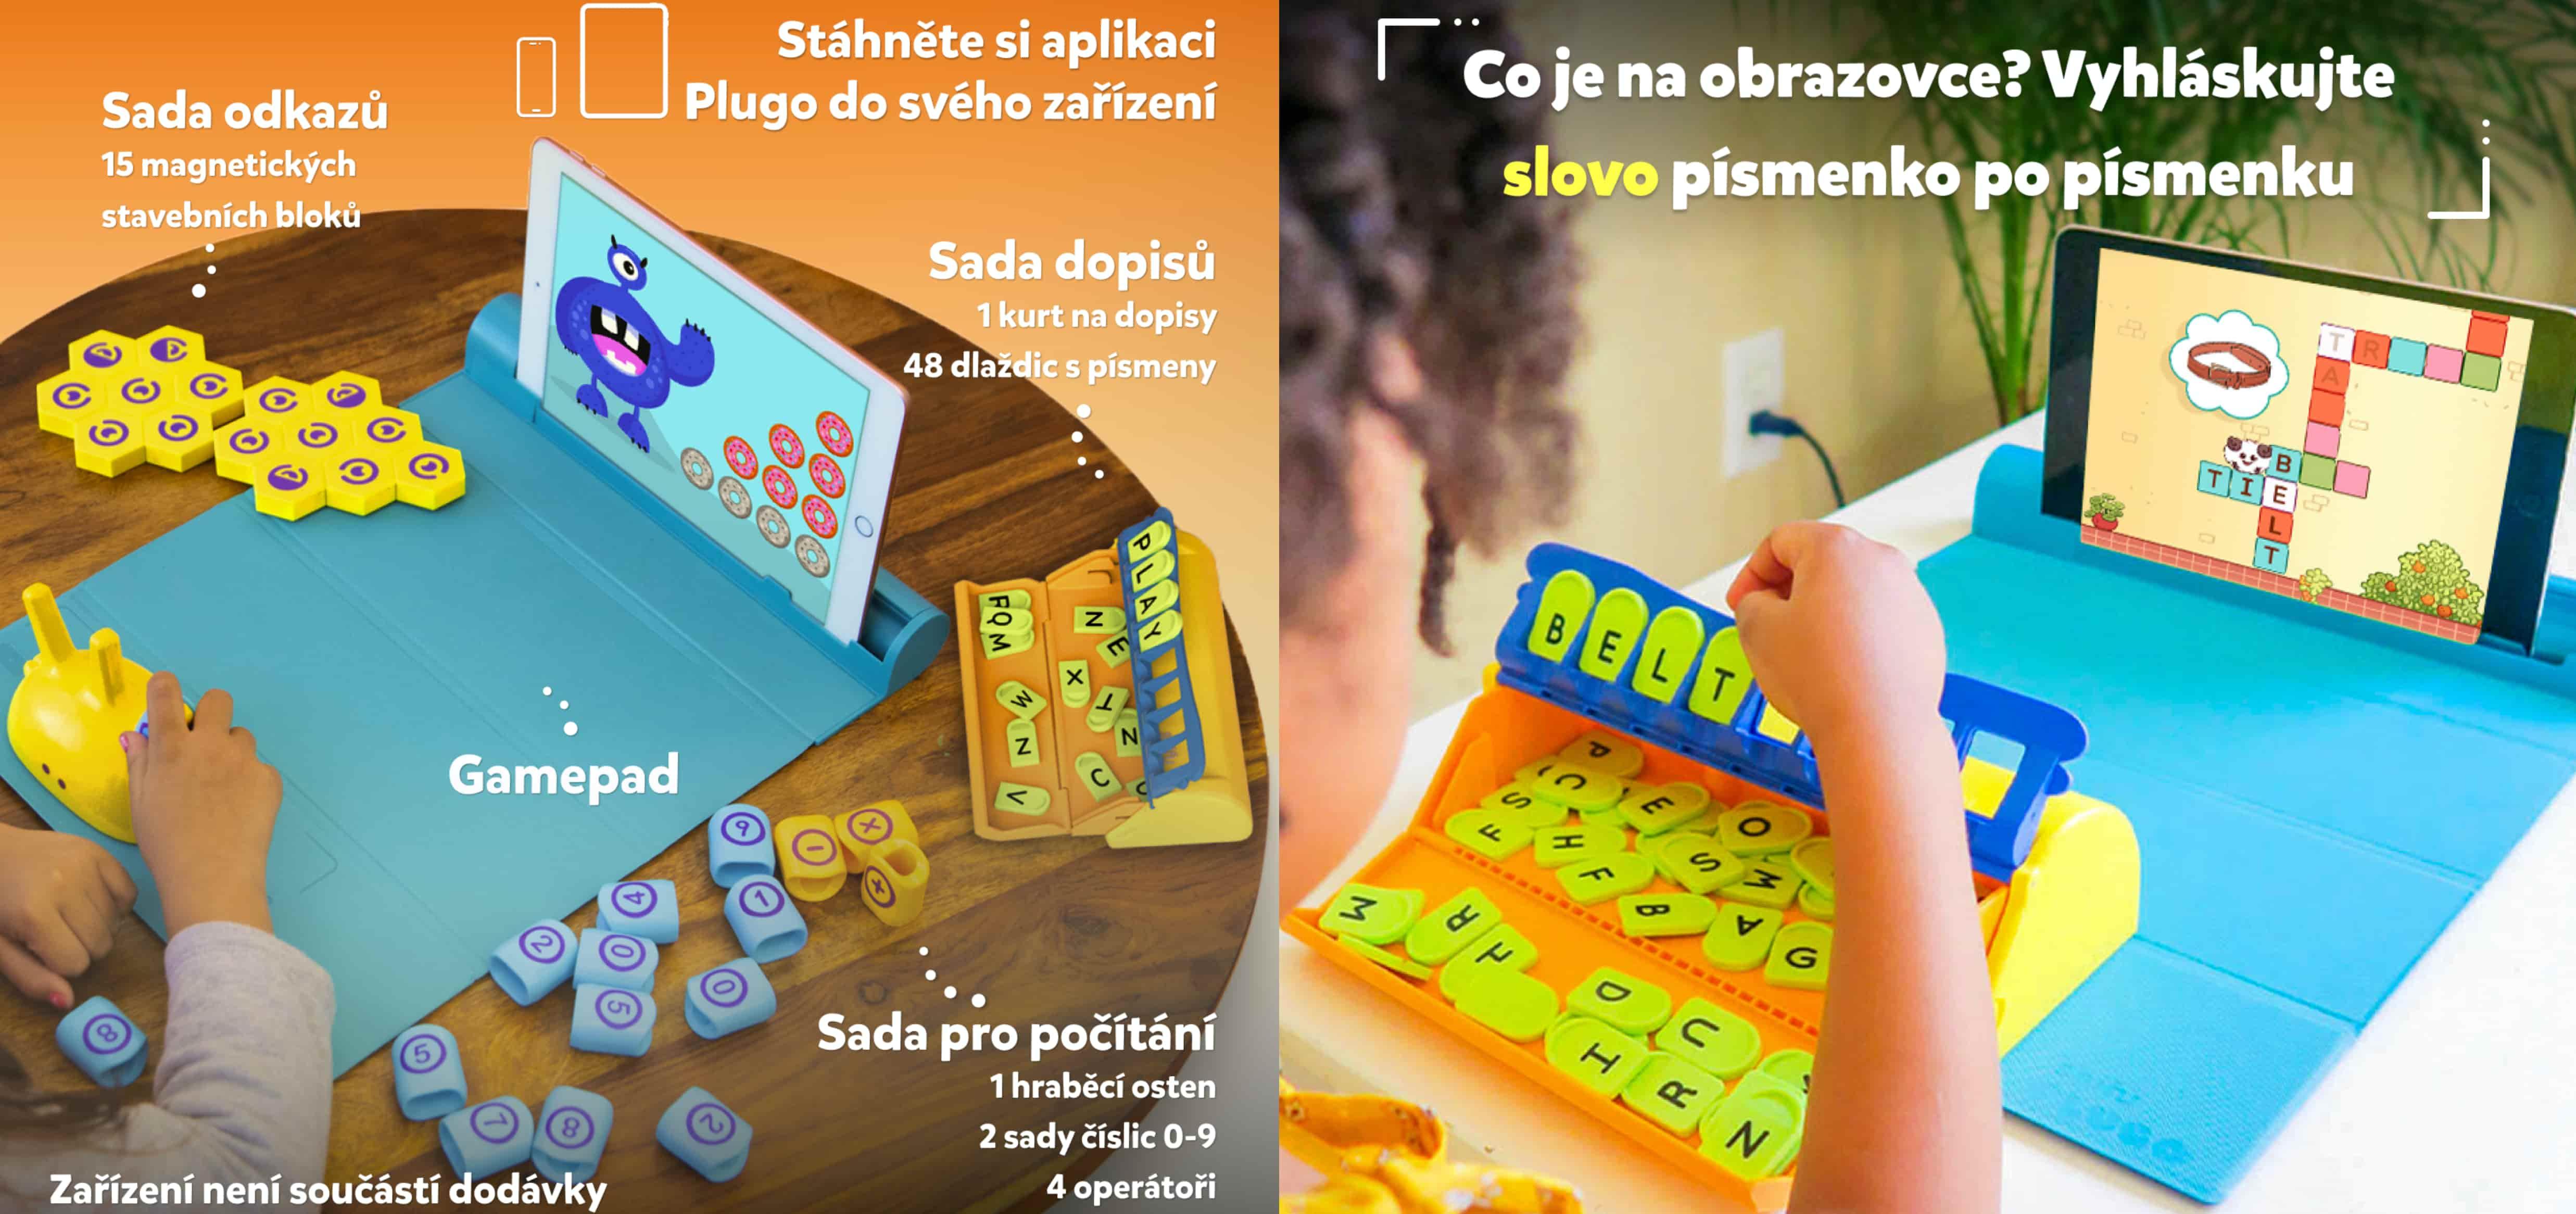 PlayShifu